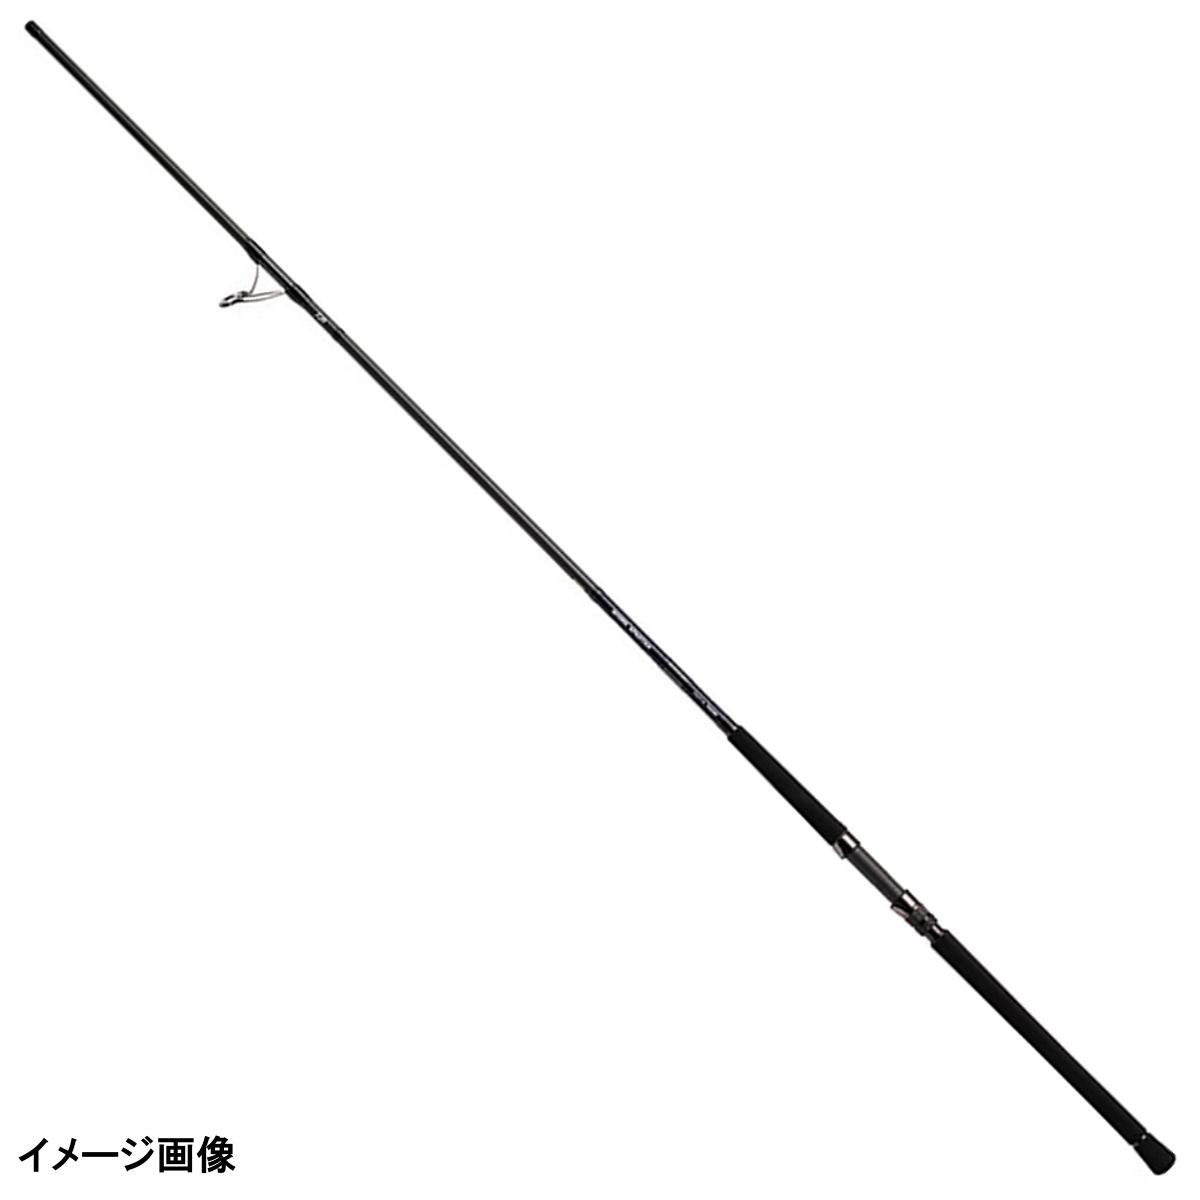 ダイワ ショアスパルタン コースタル 106MH【大型商品】